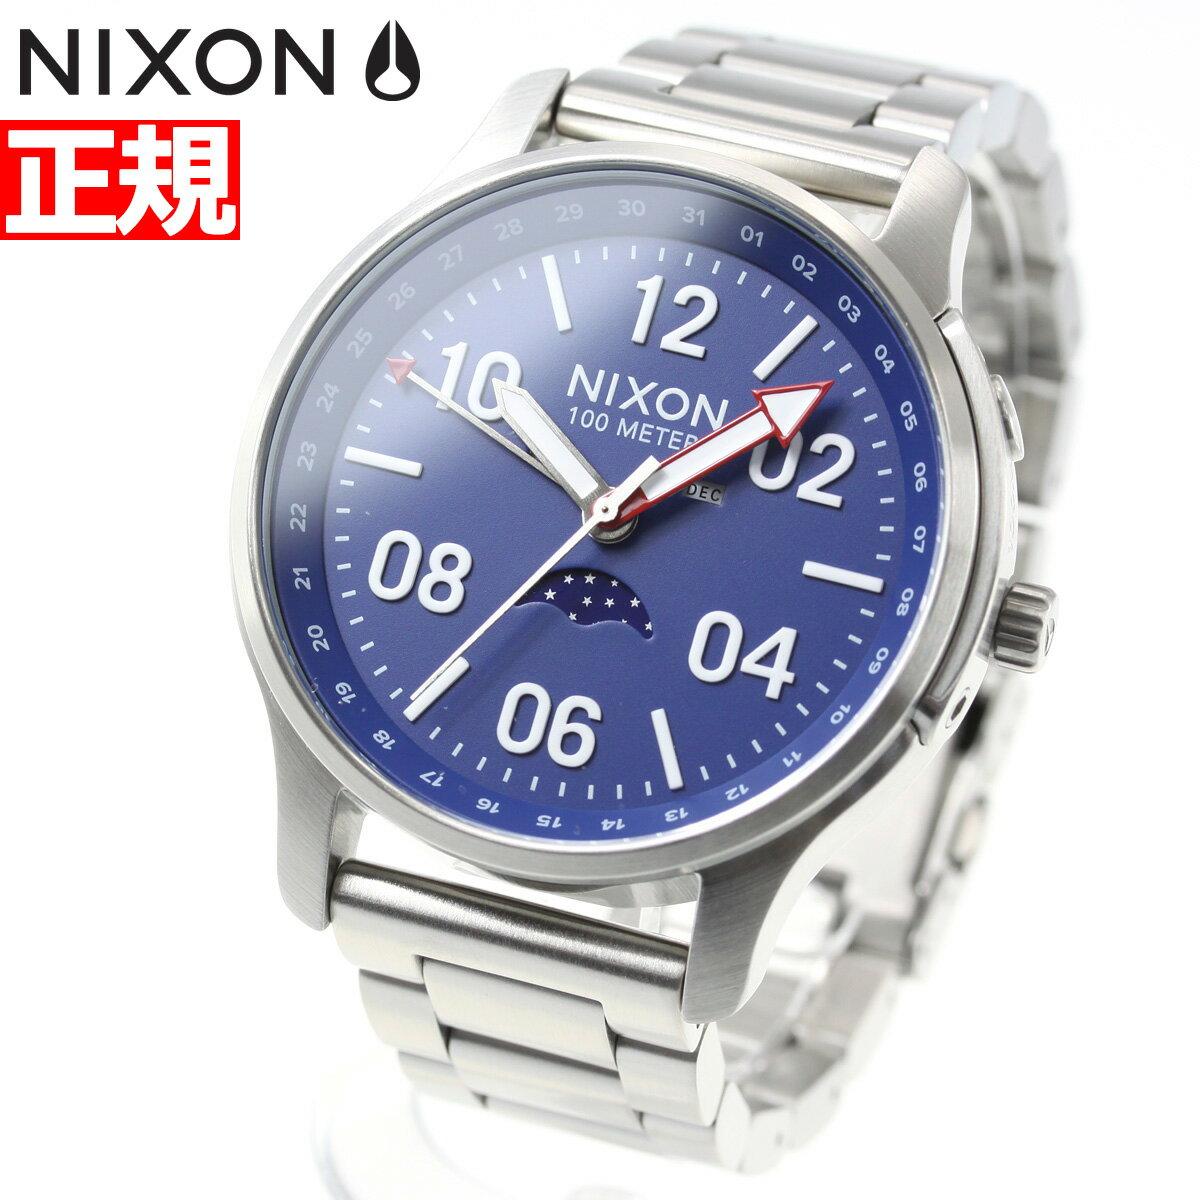 先着!最大9万円OFFクーポン!+ポイント最大33倍は17日9時59分まで!ニクソン NIXON アセンダー ASCENDER 腕時計 メンズ SILVER/BLUE NA1208722-00【2018 新作】